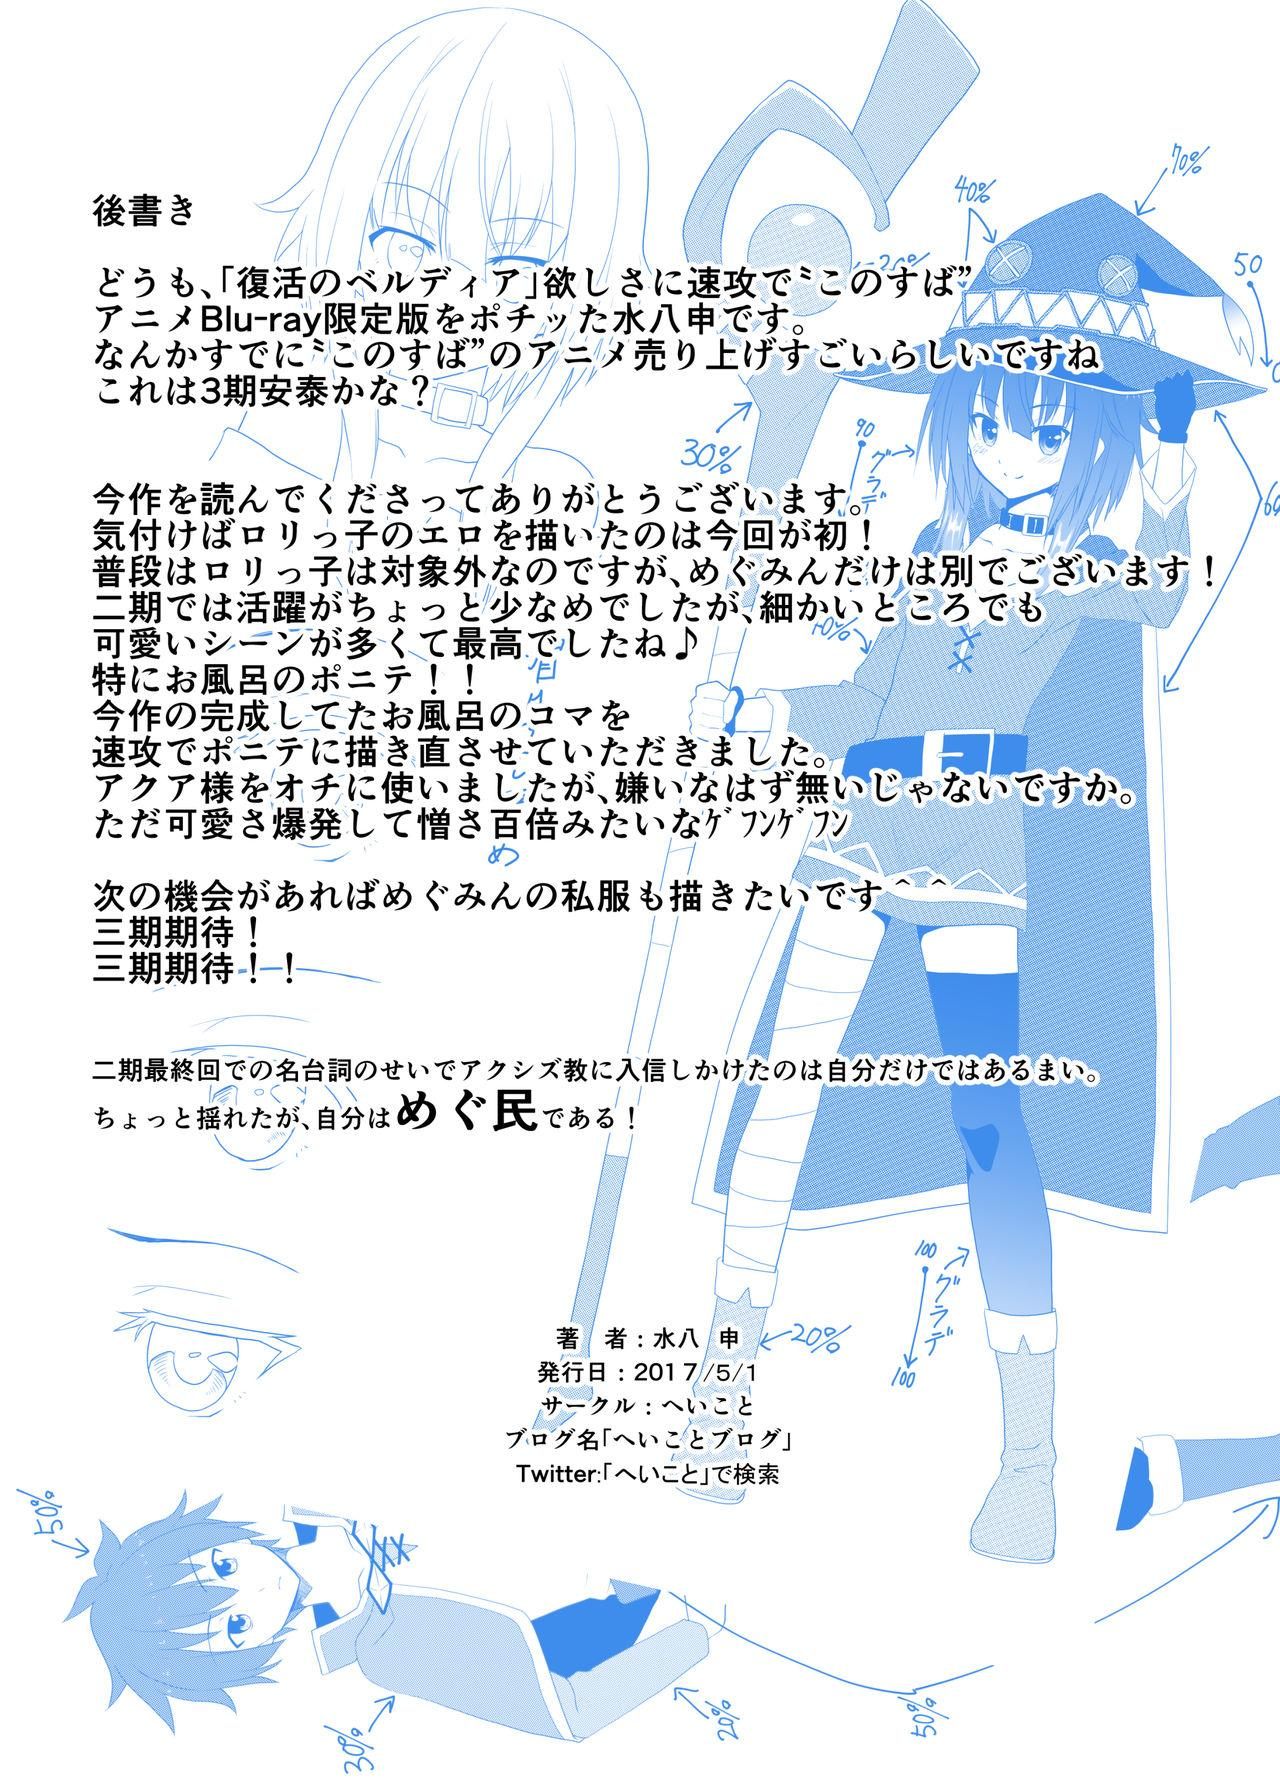 Kono Kawairashii Hinnyu ni Kyuusai o! | Help to this Lovely Flat Chest! 30